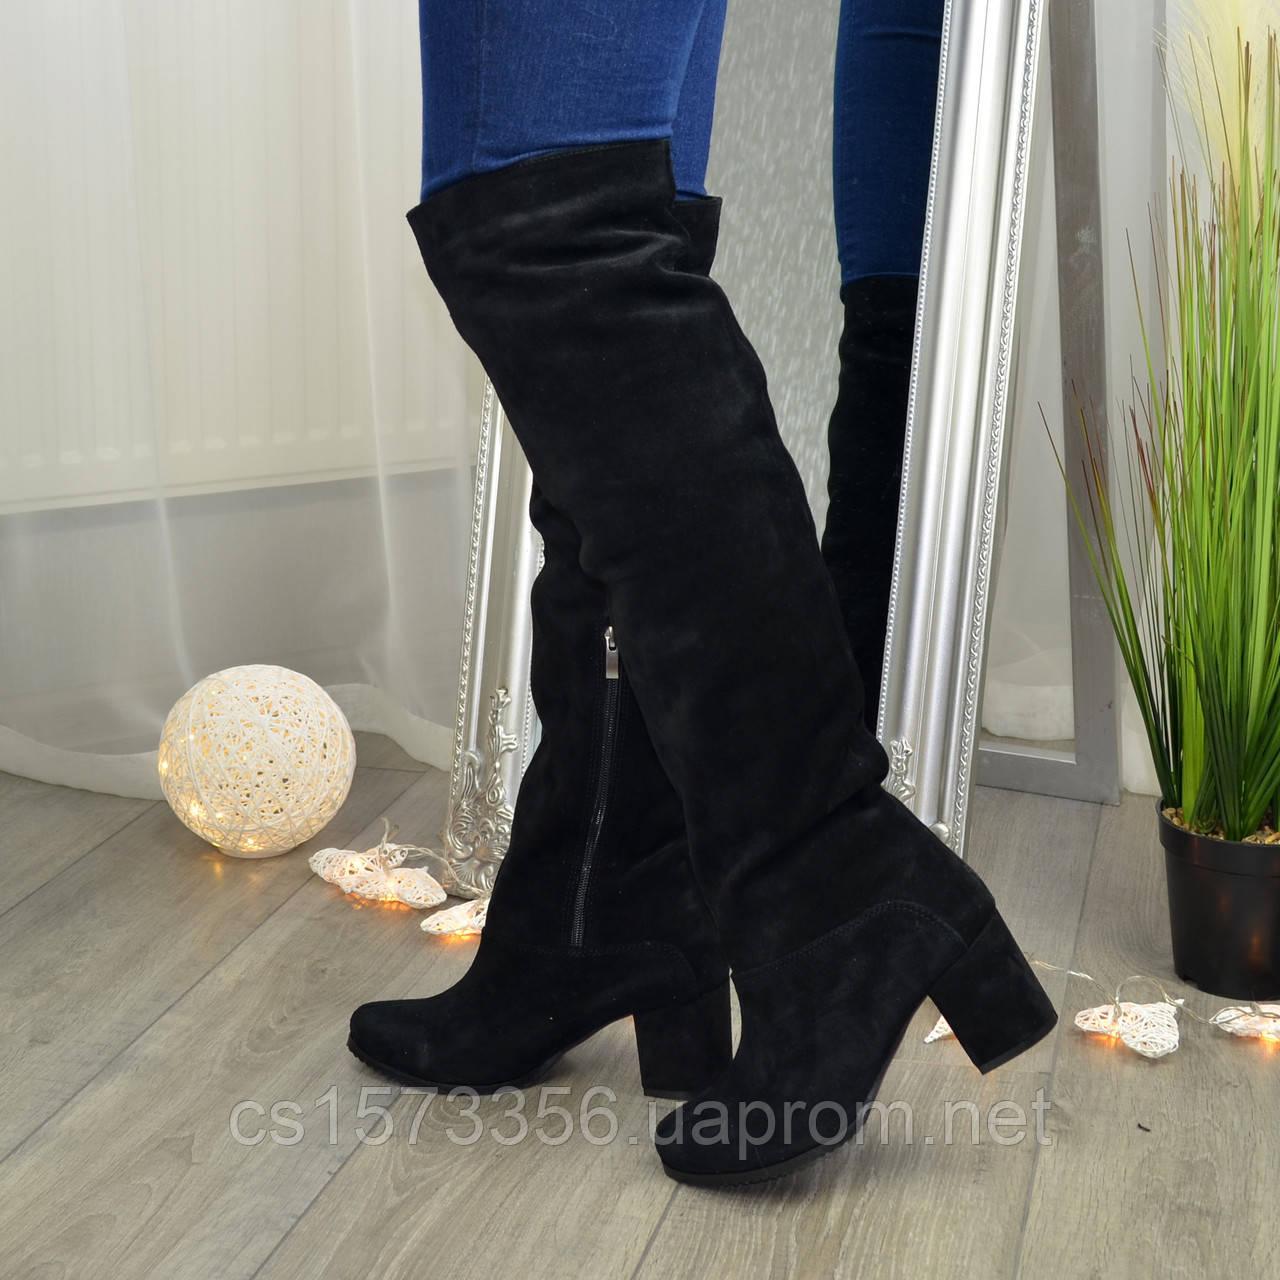 Замшевые зимние ботфорты трубы на невысоком устойчивом каблуке, цвет черный. 37 размер